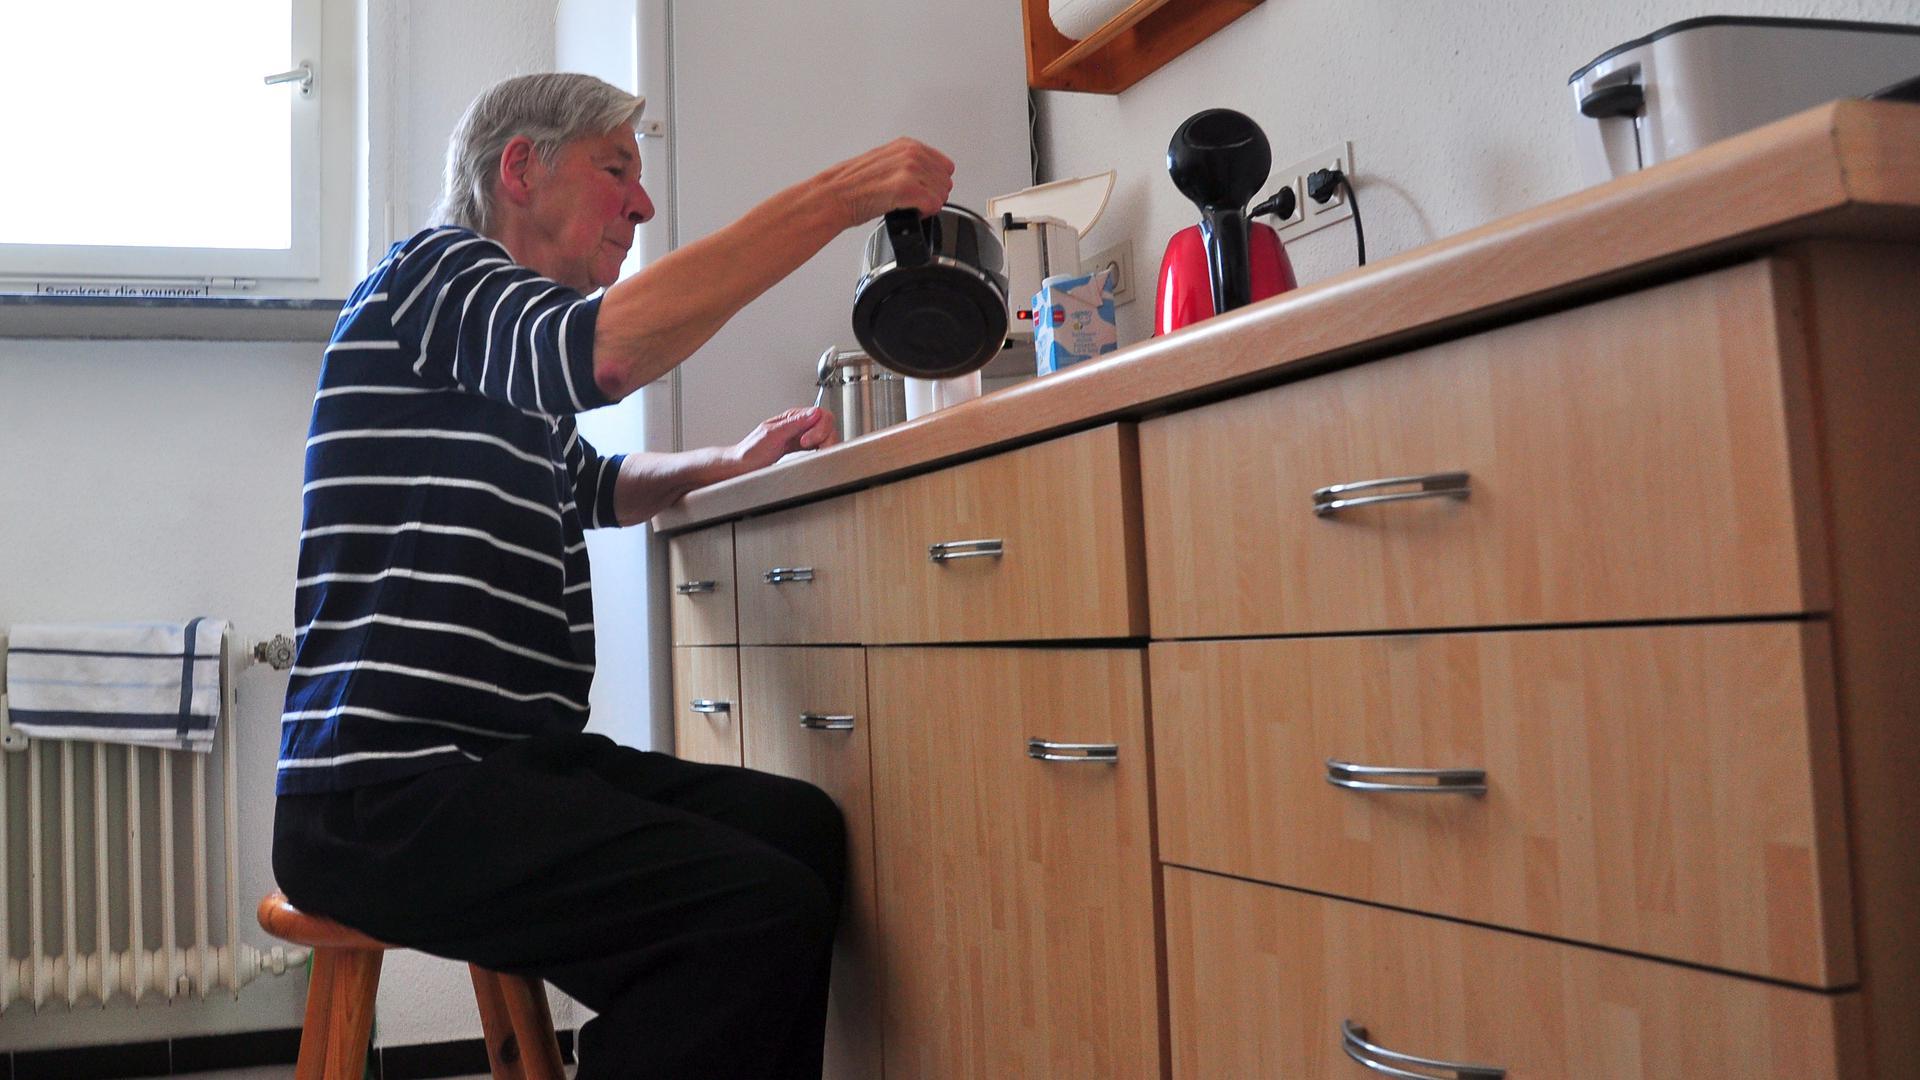 In der Küche von Gerda Honig steht ein Hocker. Sie ist darauf angewiesen, denn langes Stehen ist mit chronischem Erschöpfungssyndrom häufig nicht möglich. Sie muss sich setzen.